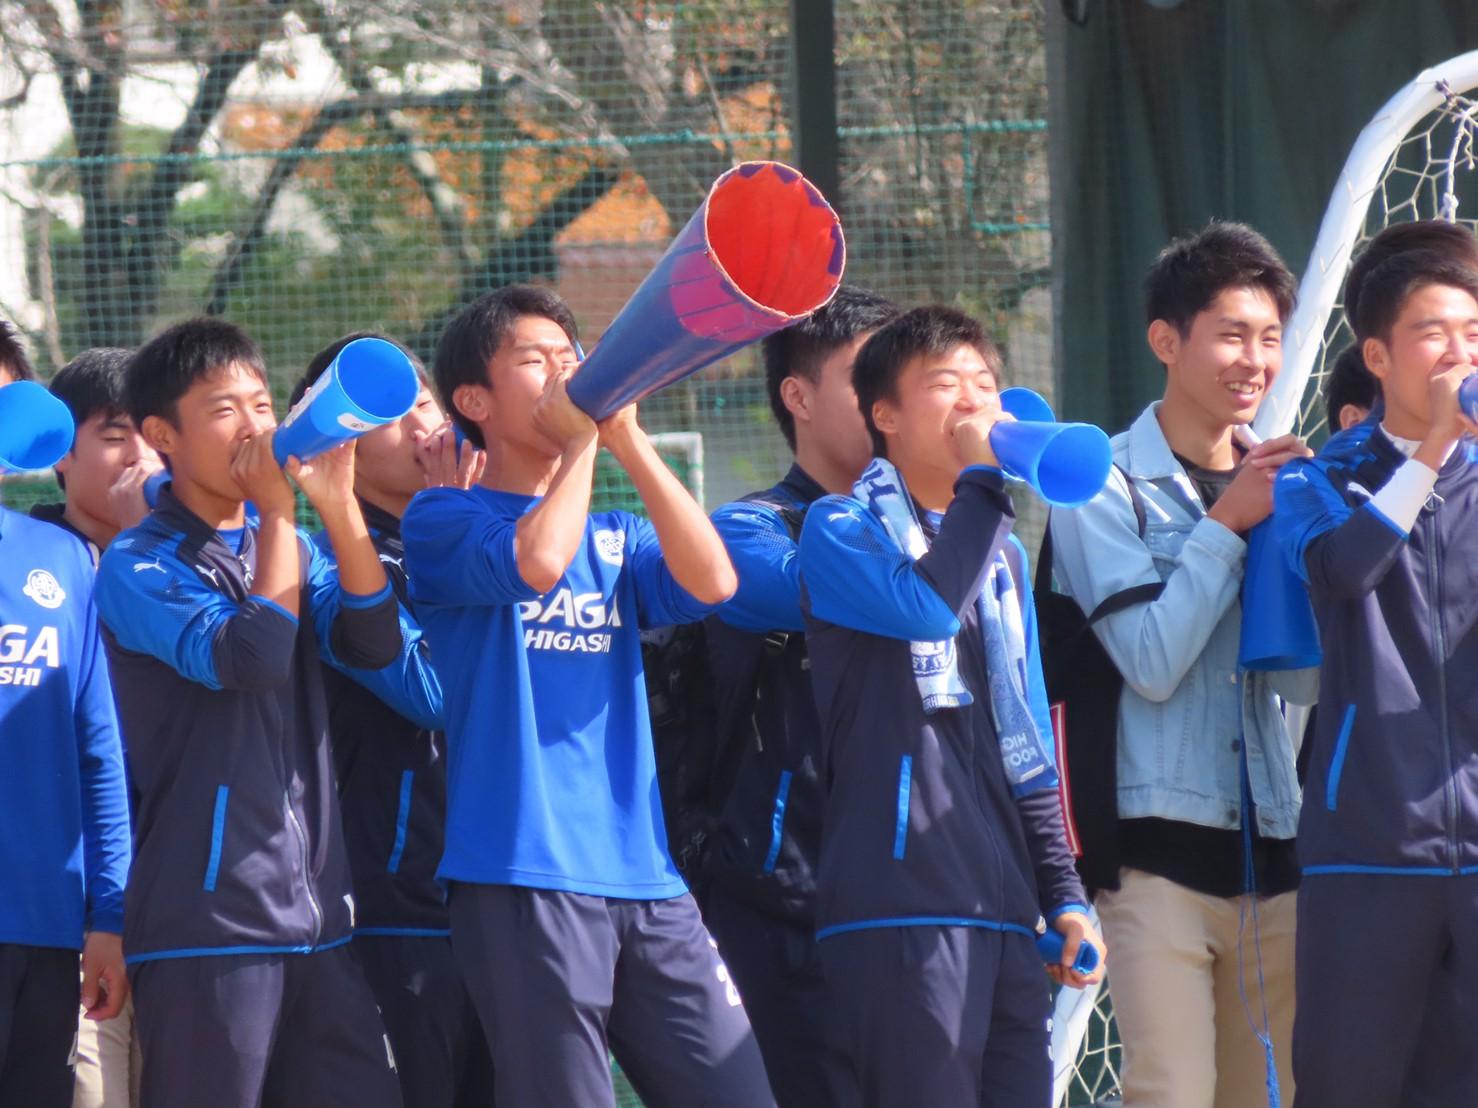 東 高校 部 佐賀 サッカー